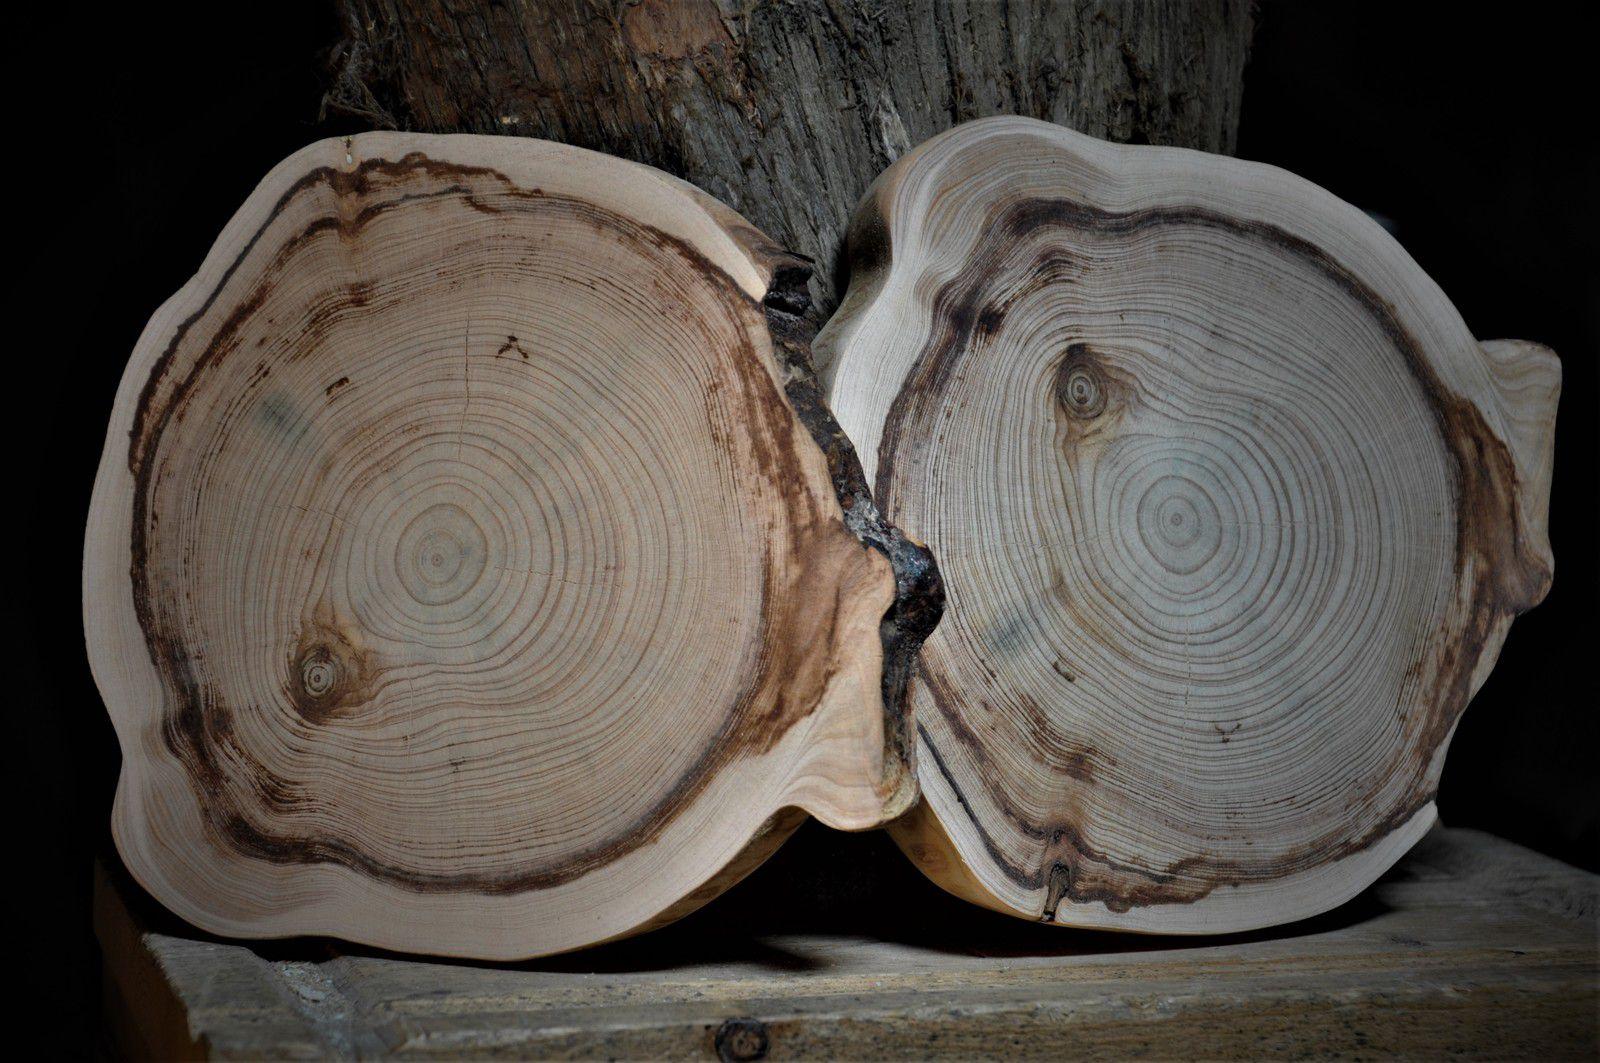 Les ronds finis en vente, d'autres viendront. Nature pour garder l'odeur exceptionnelle du bois.